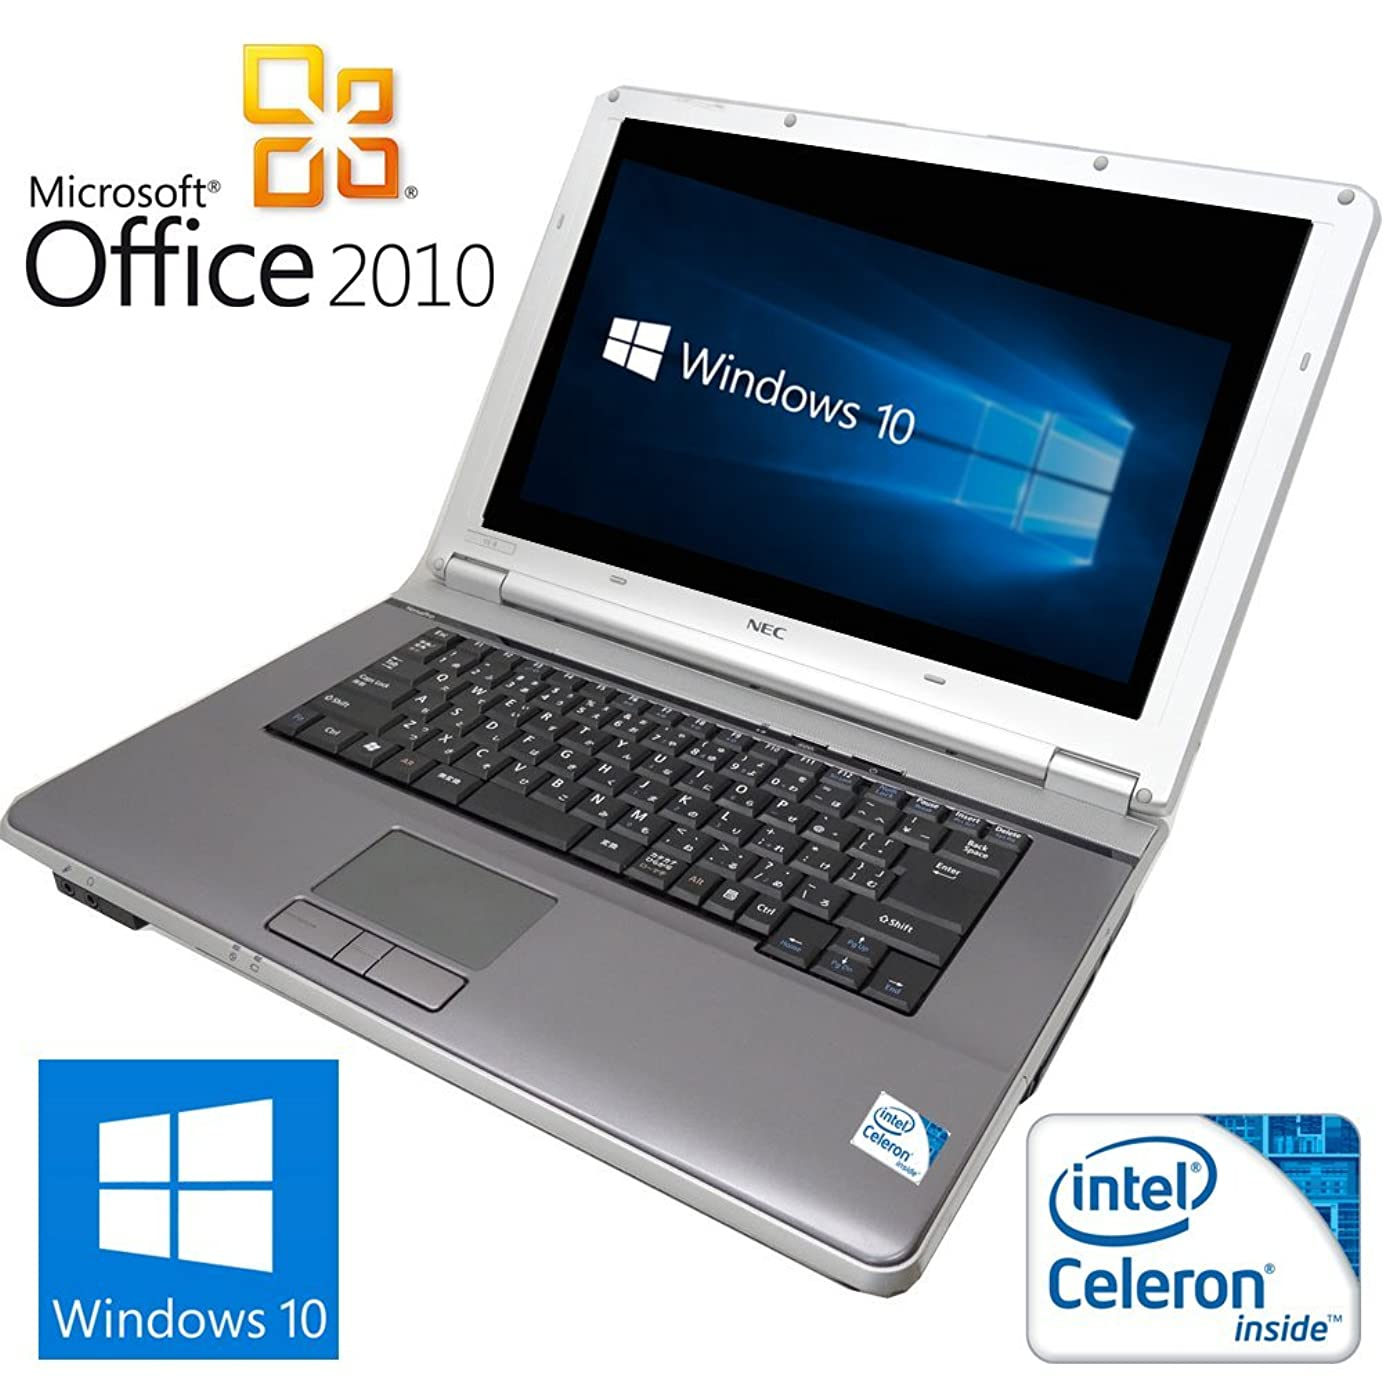 セメント船乗りお茶【Microsoft Office 2010搭載】【Win 10搭載】NEC VA-8/新世代Celeron 2.2GHz/メモリ4GB/HDD160GB/大画面15.6インチ/DVDドライブ/無線LAN搭載/中古ノートパソコン